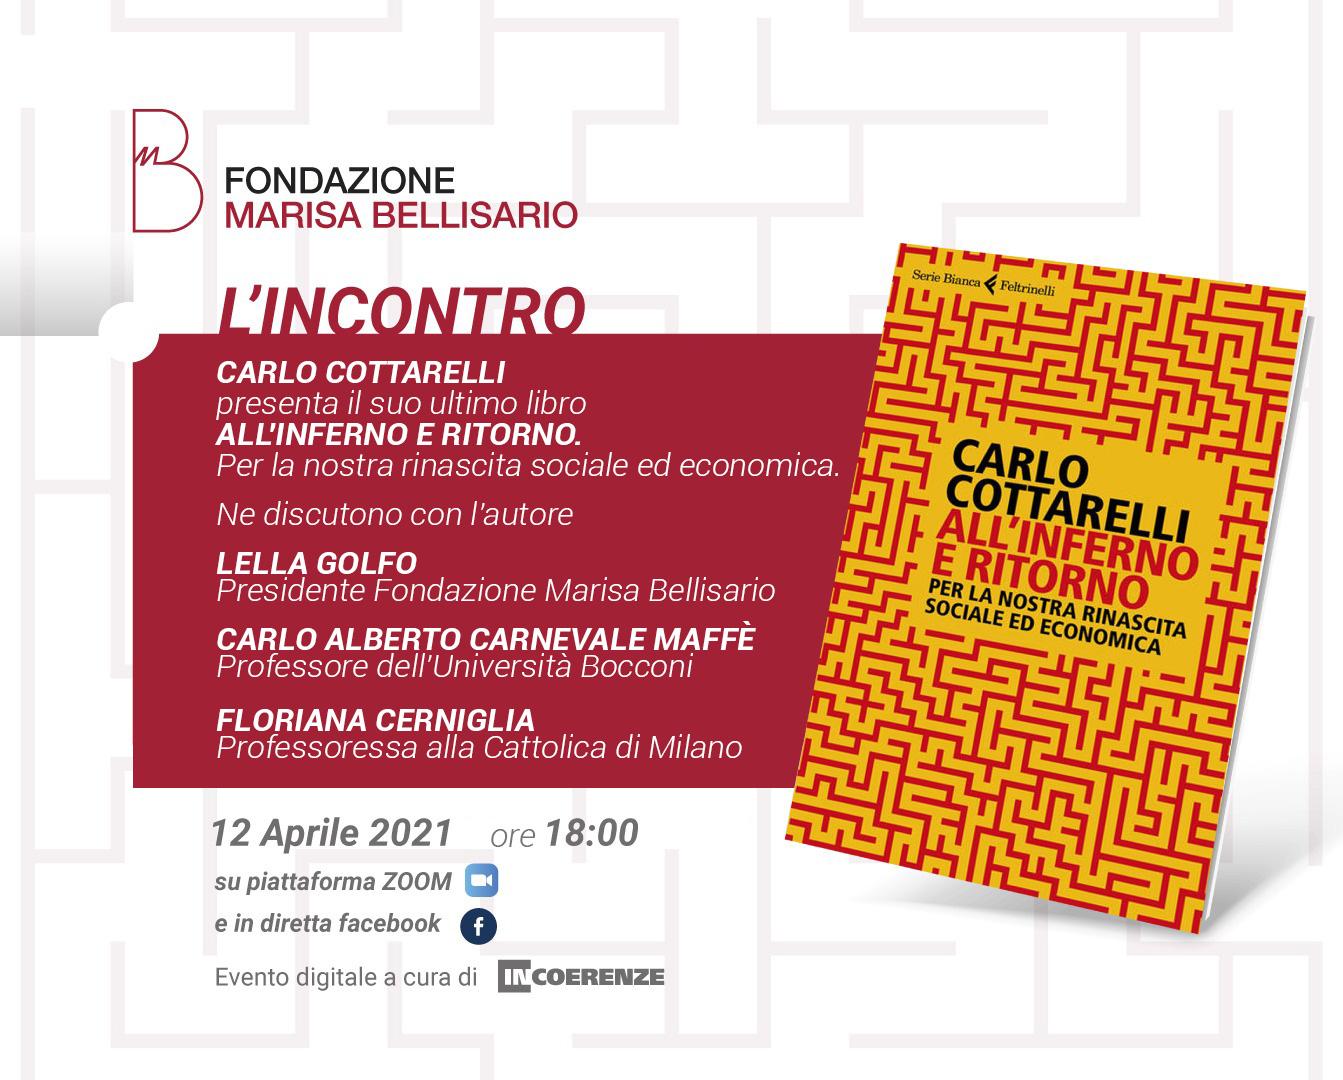 L'INCONTRO CON CARLO COTTARELLI